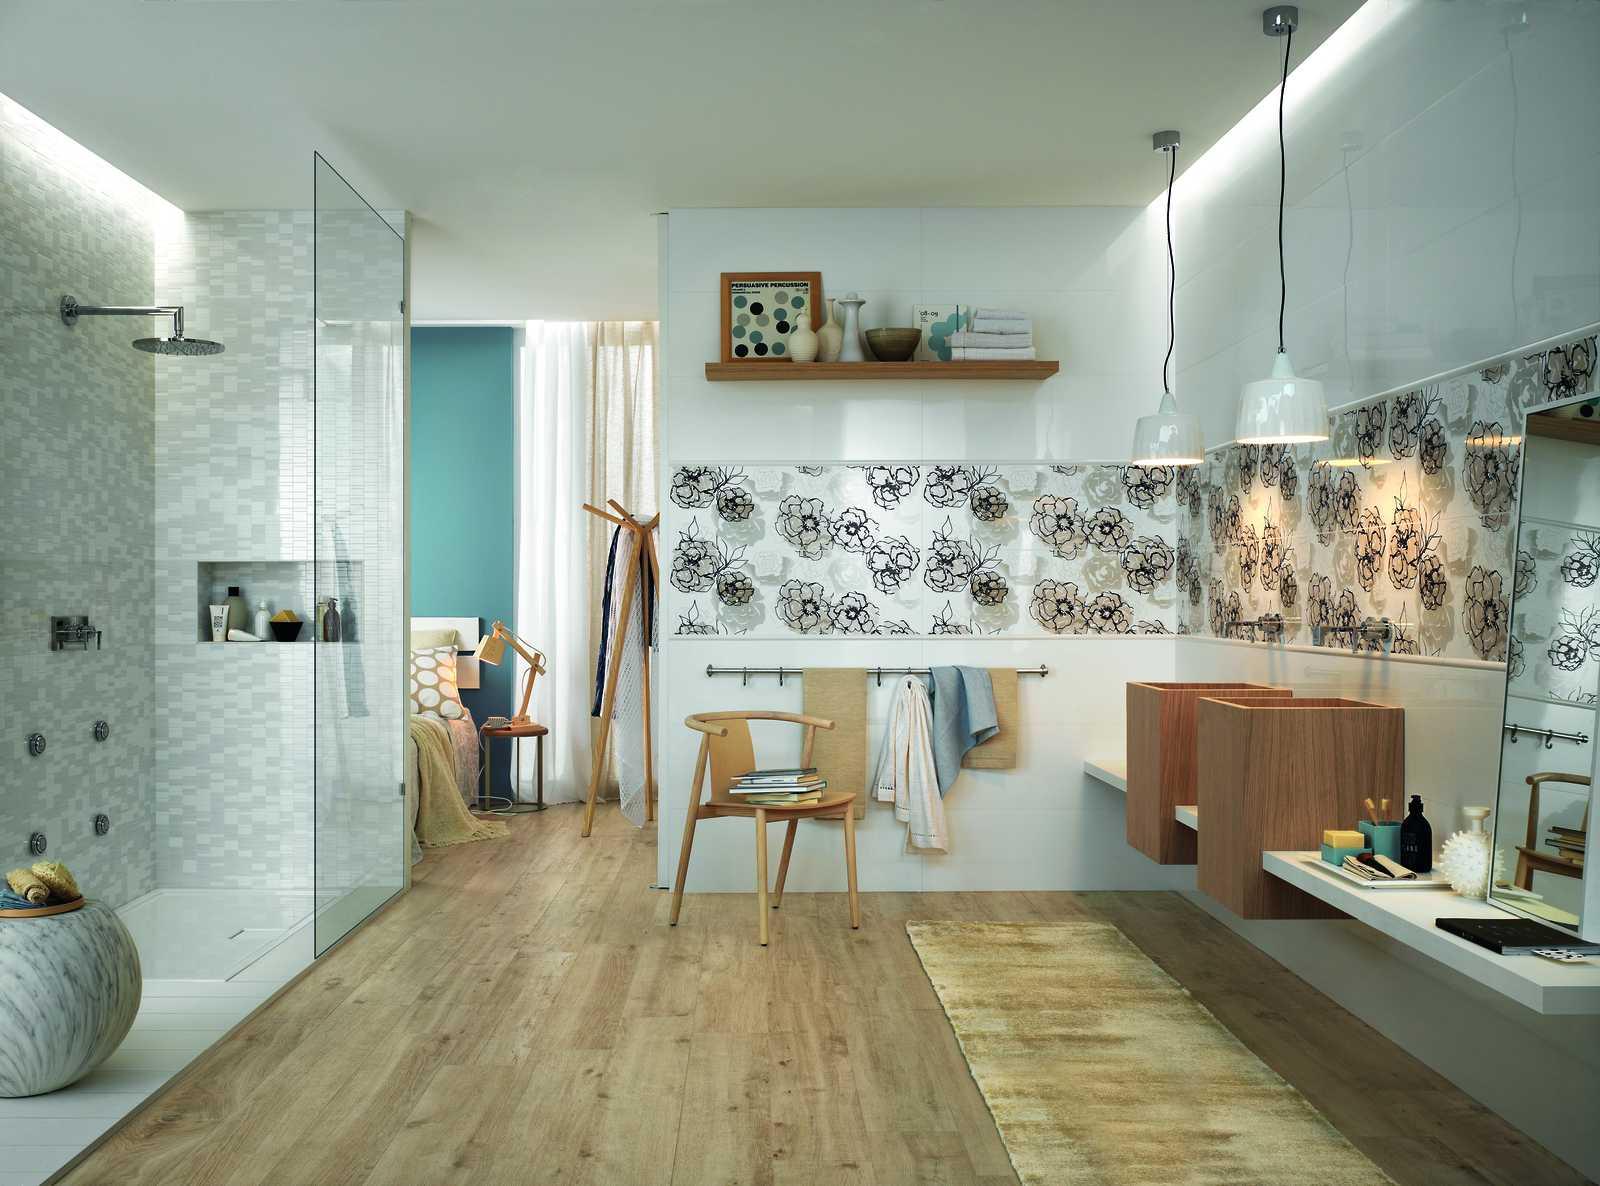 Colorup piastrelle rivestimento pareti marazzi - Bagni e piastrelle ...